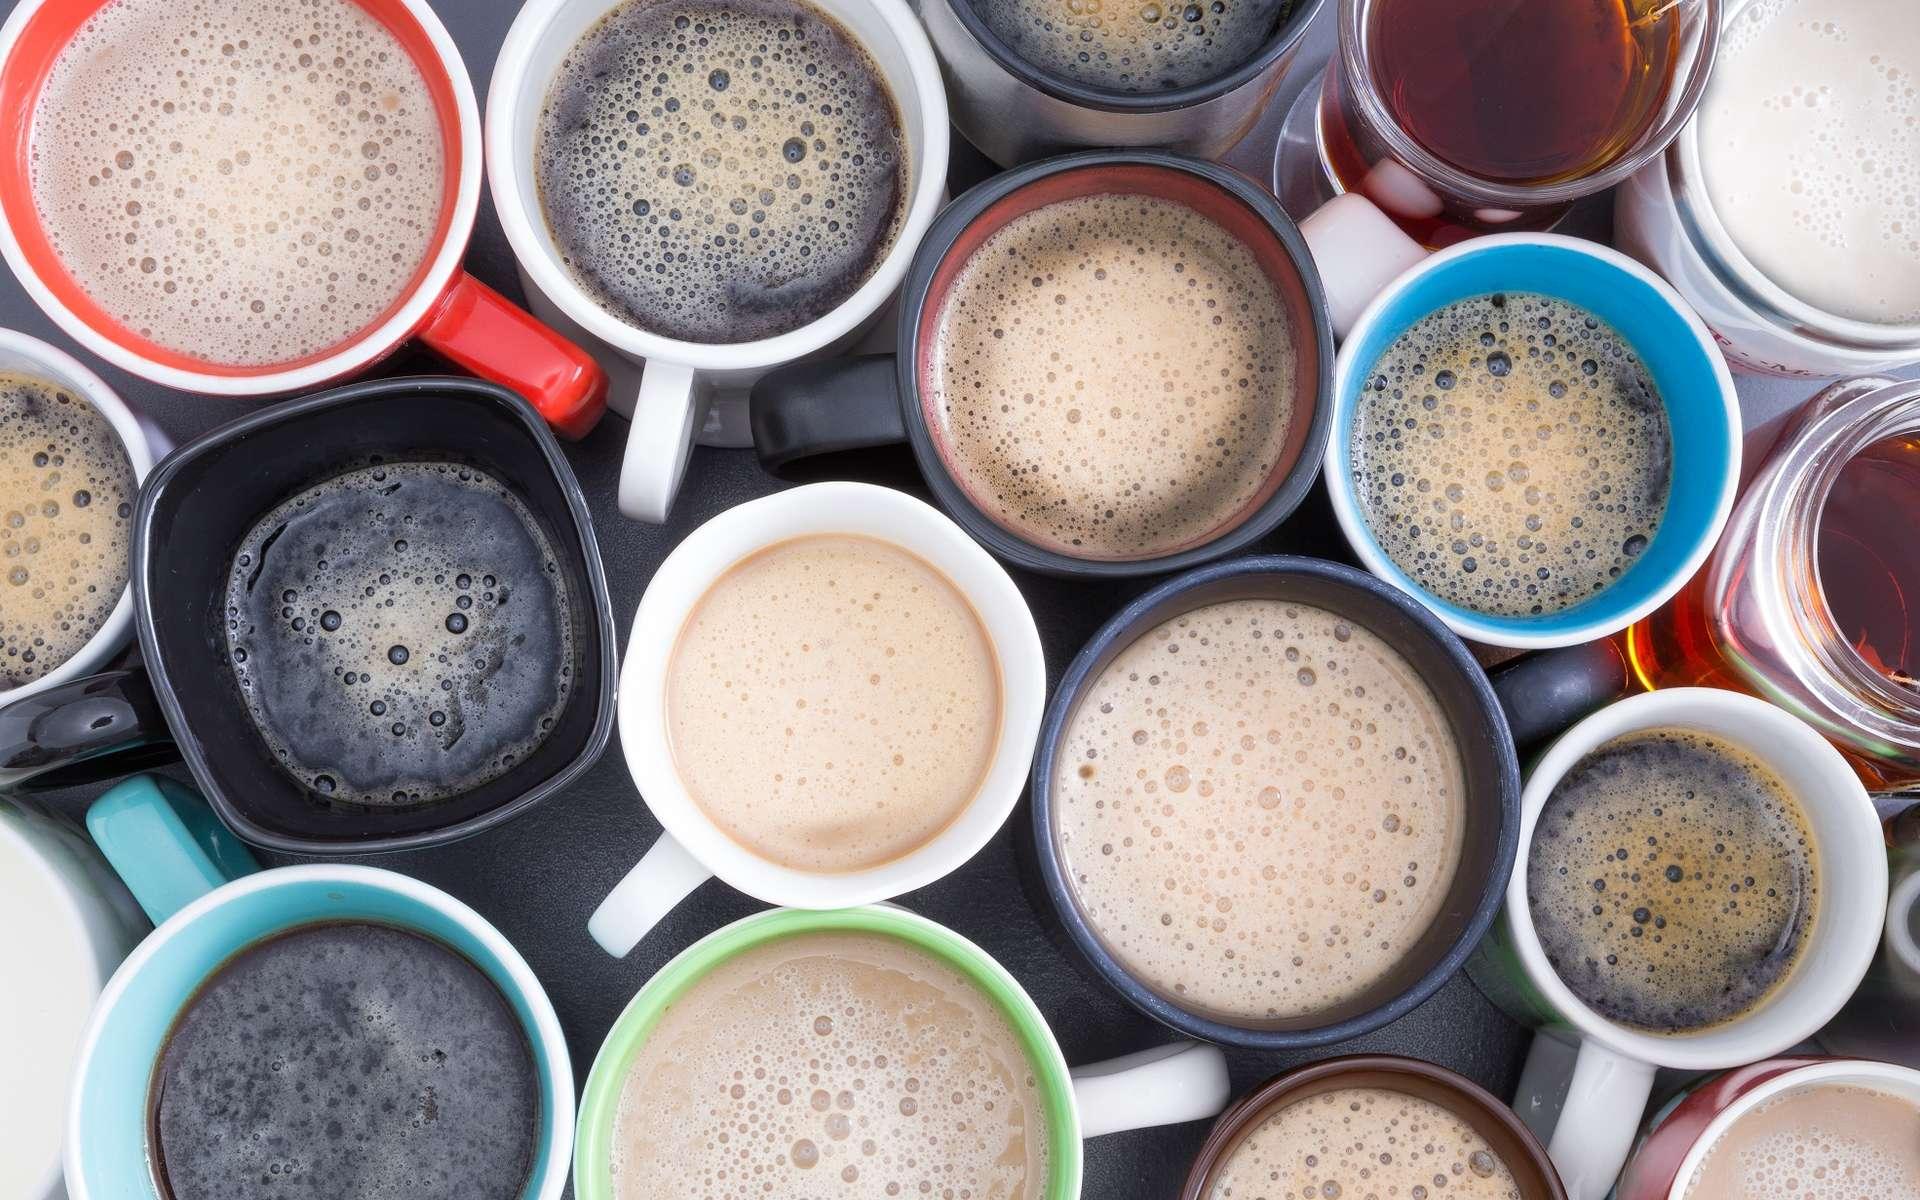 Même une à deux tasses par jour diminuent le risque de cancer colorectal. On ne sait pas pourquoi... © Ozgur Coskun, Shutterstock